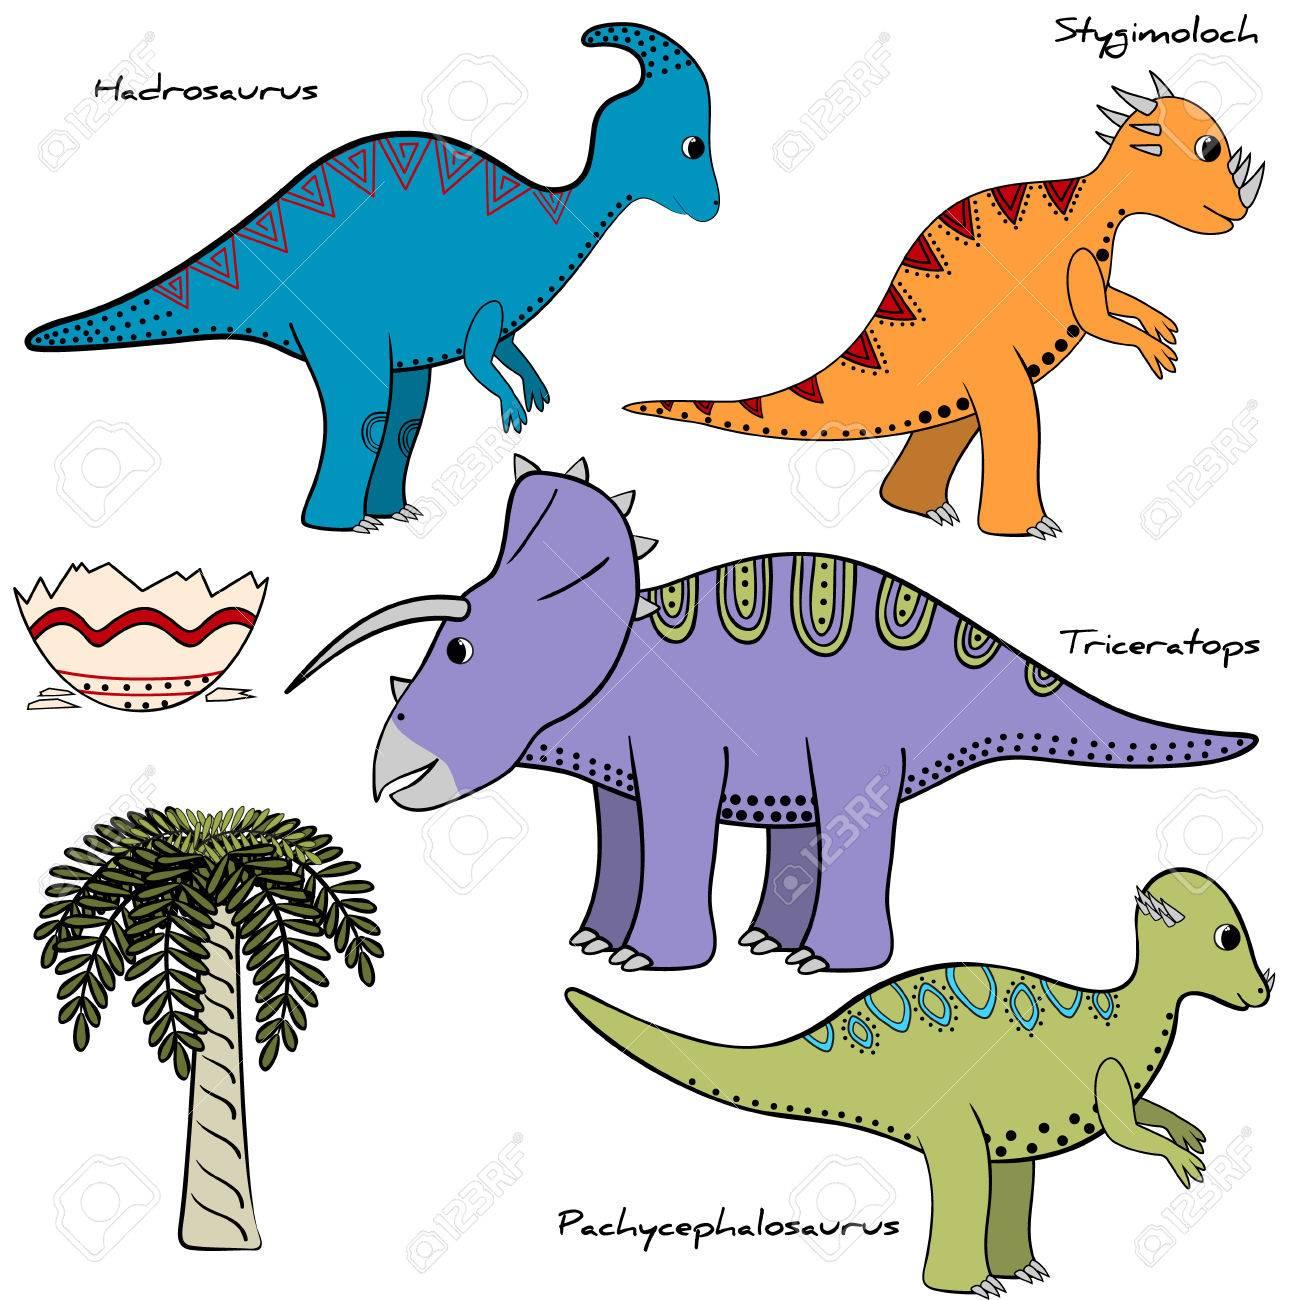 Conjunto De Dinosaurio Estilizado Con Nombres Y Elementos De Vegetacion Ilustraciones Vectoriales Clip Art Vectorizado Libre De Derechos Image 72544709 Este 2016 nos trajo un mundo alienígena cercano, una gema de la era de los dinosaurios, y una detección cósmica que podría dar inicio a una nueva era en la astronomía. conjunto de dinosaurio estilizado con nombres y elementos de vegetacion